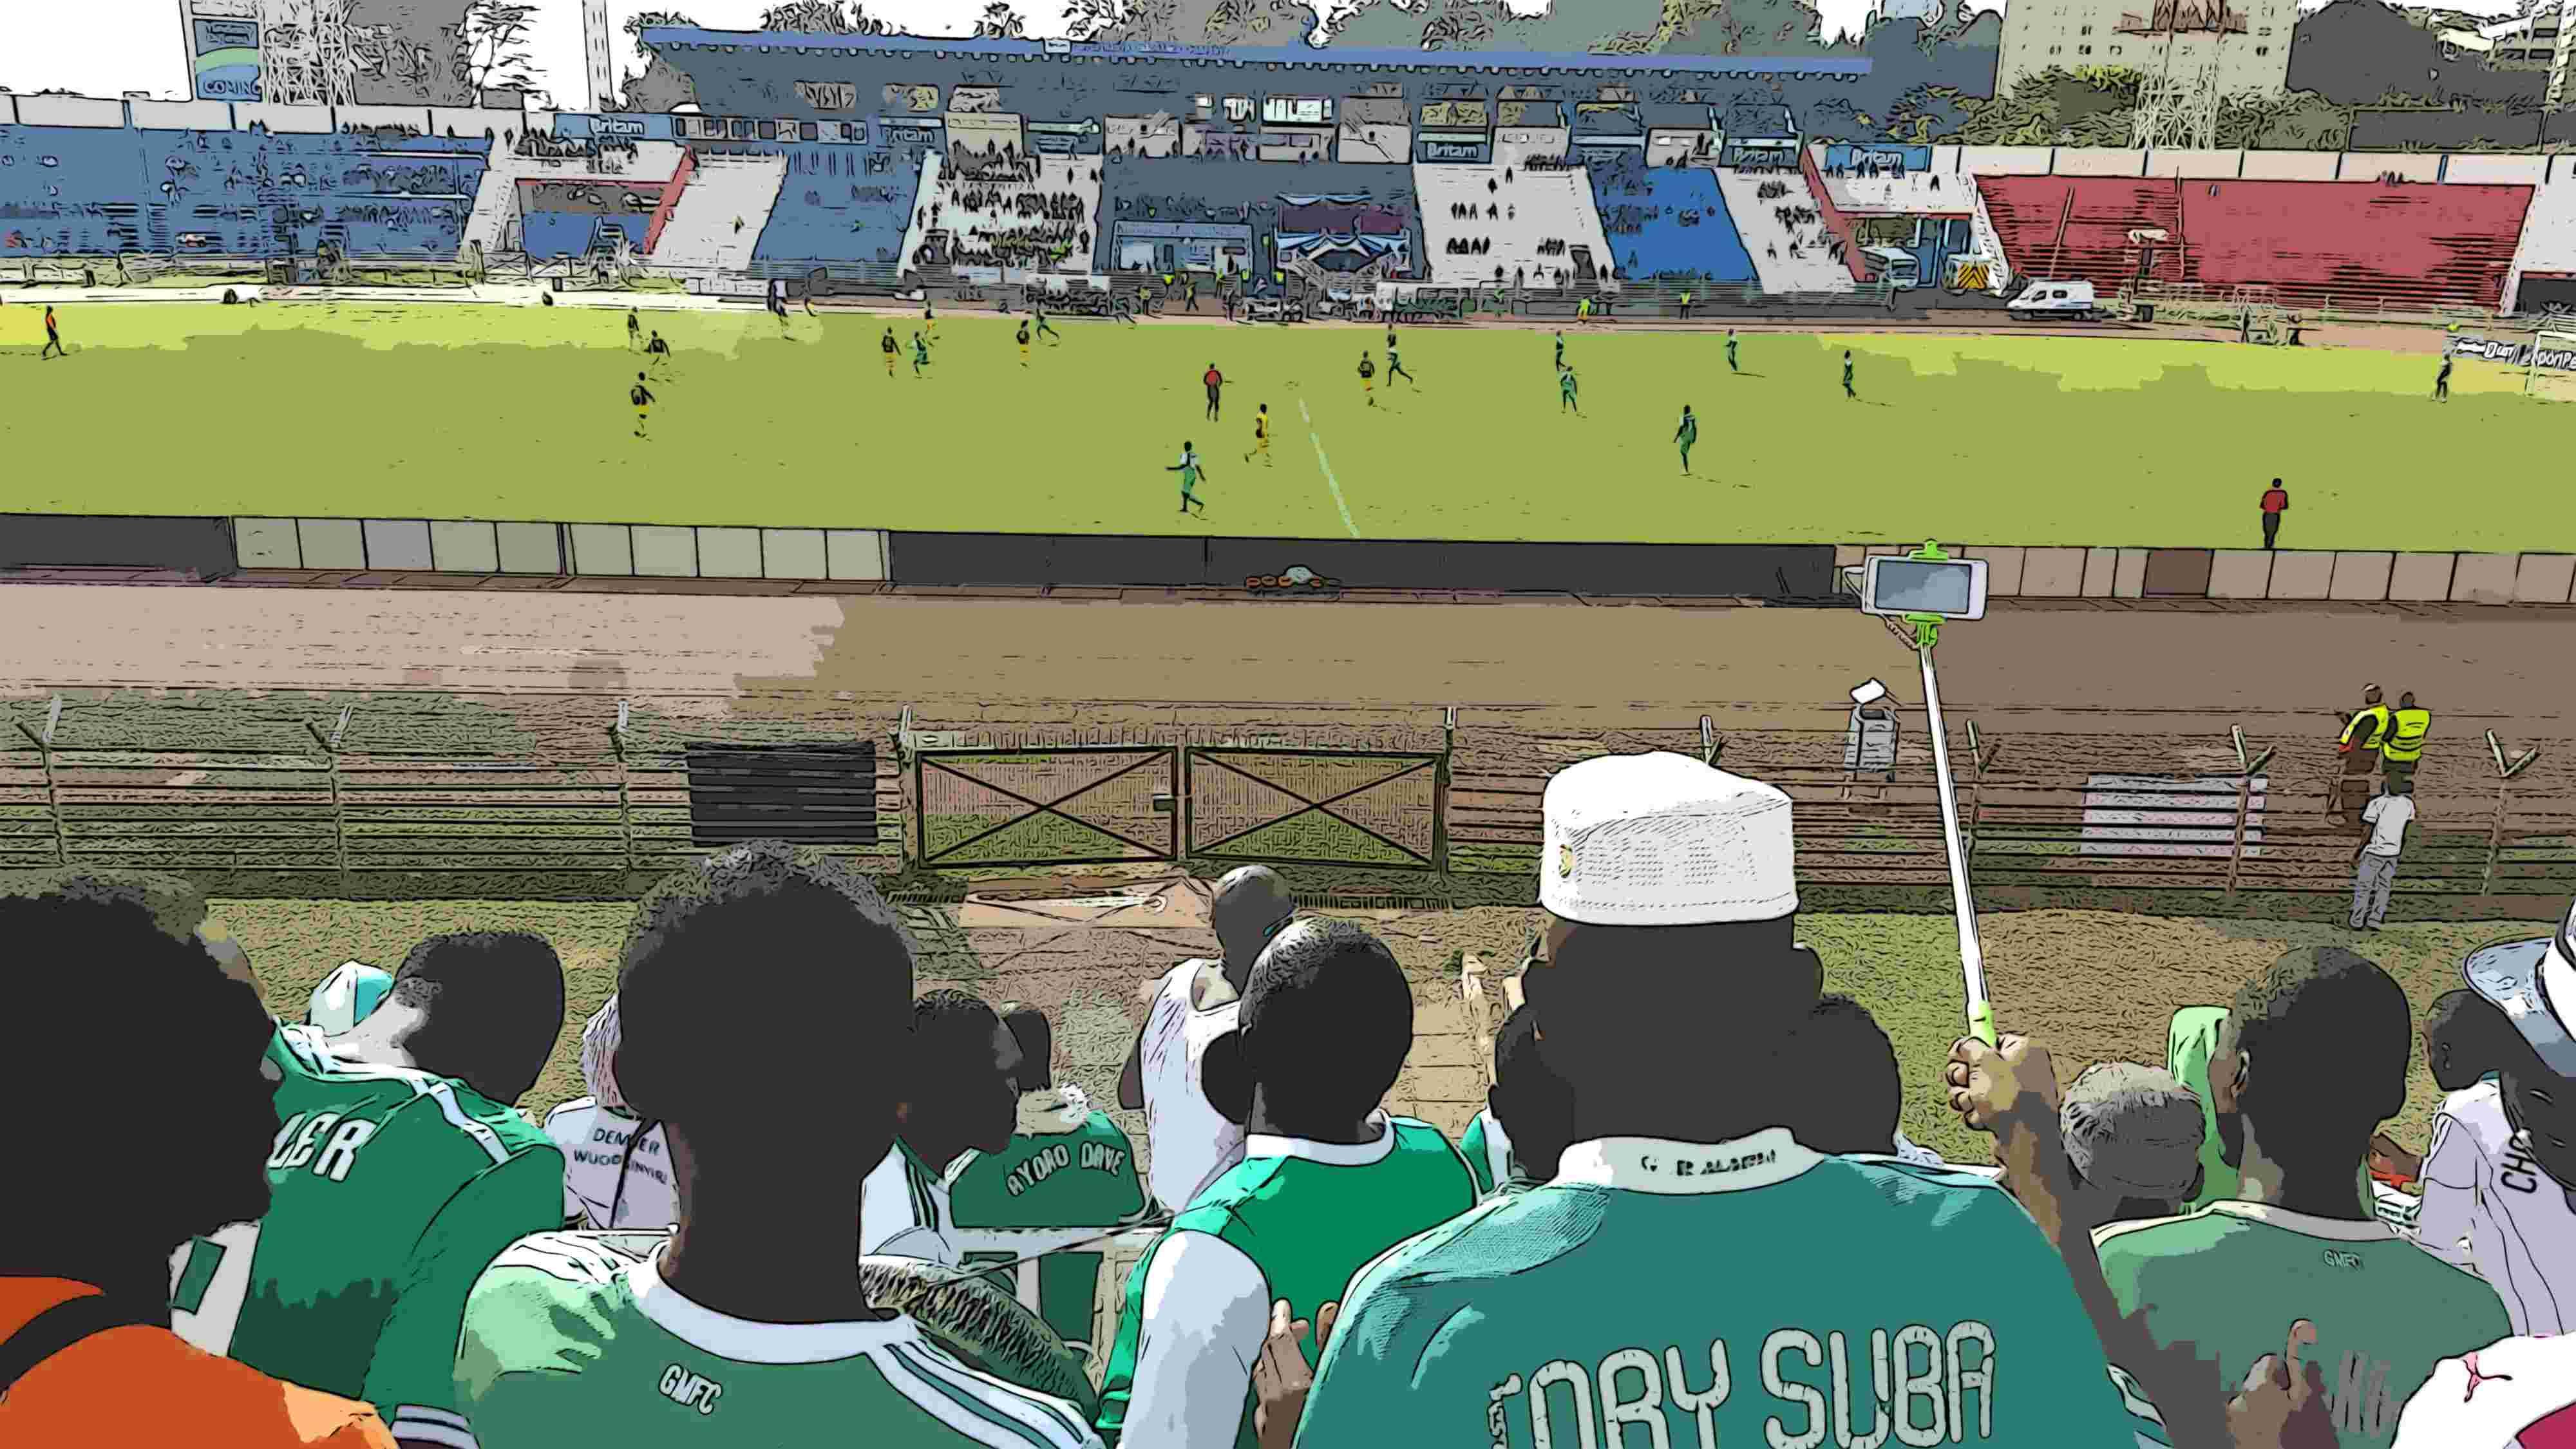 Sicht von der Zuschauertribüne auf ein Fußballfeld